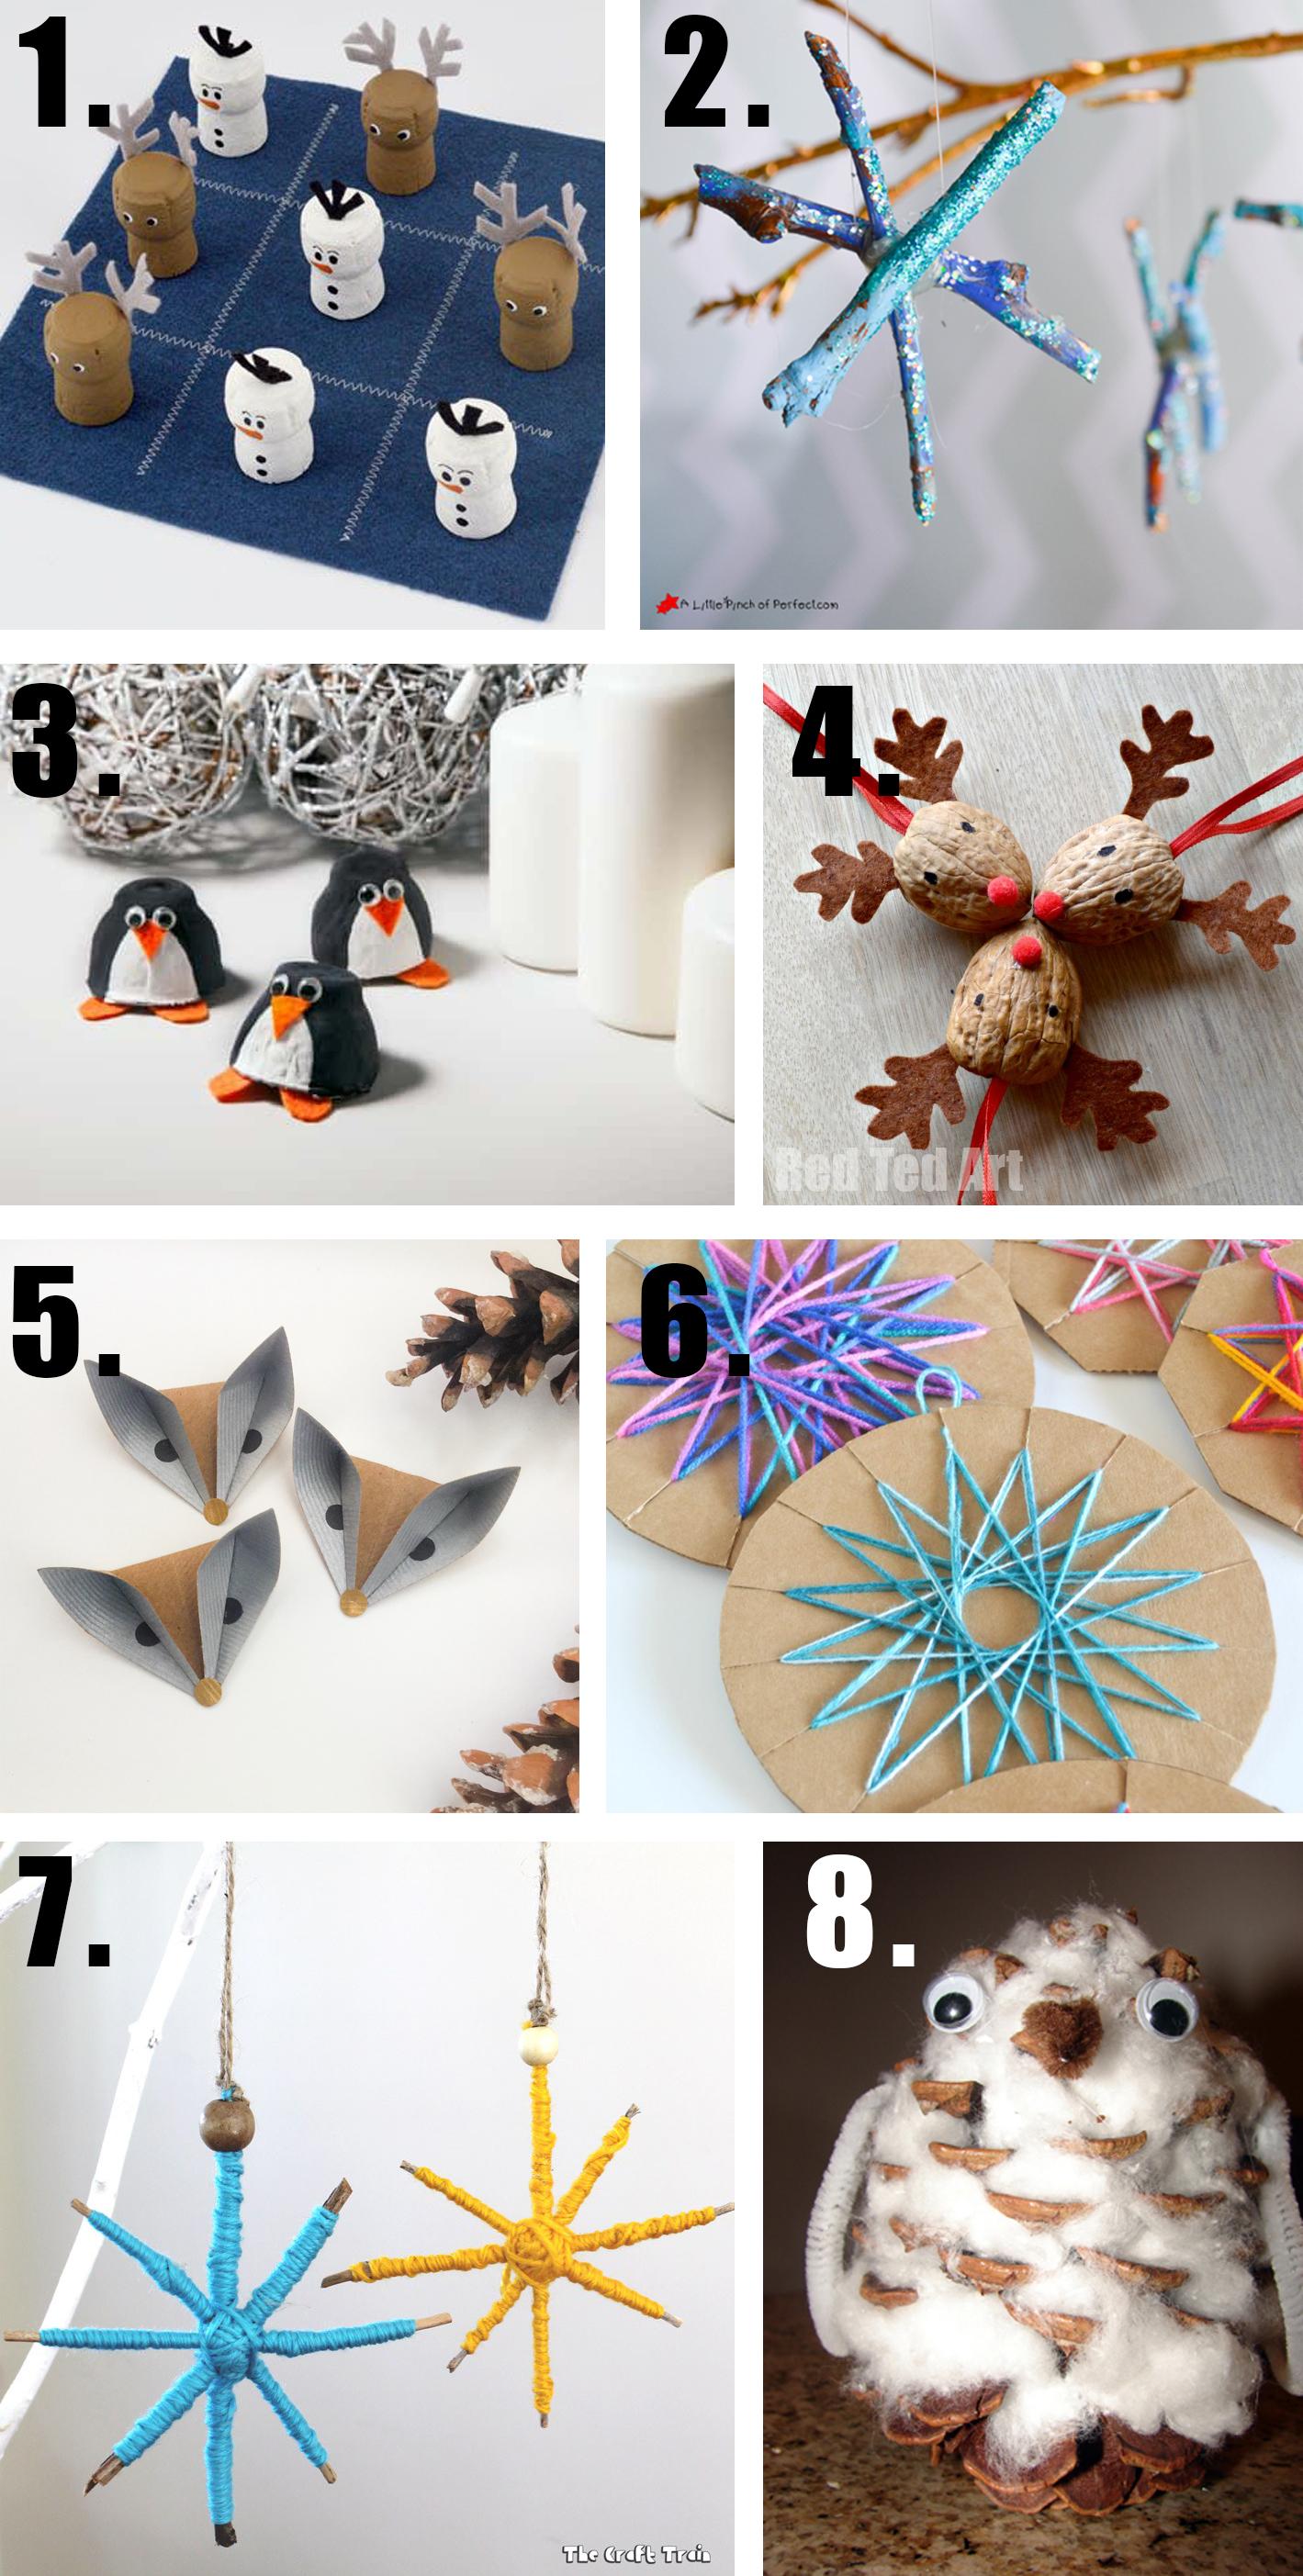 Mejores manualidades Navidad / Best Christmas crafts / Die besten Weihnachtsbasteleien